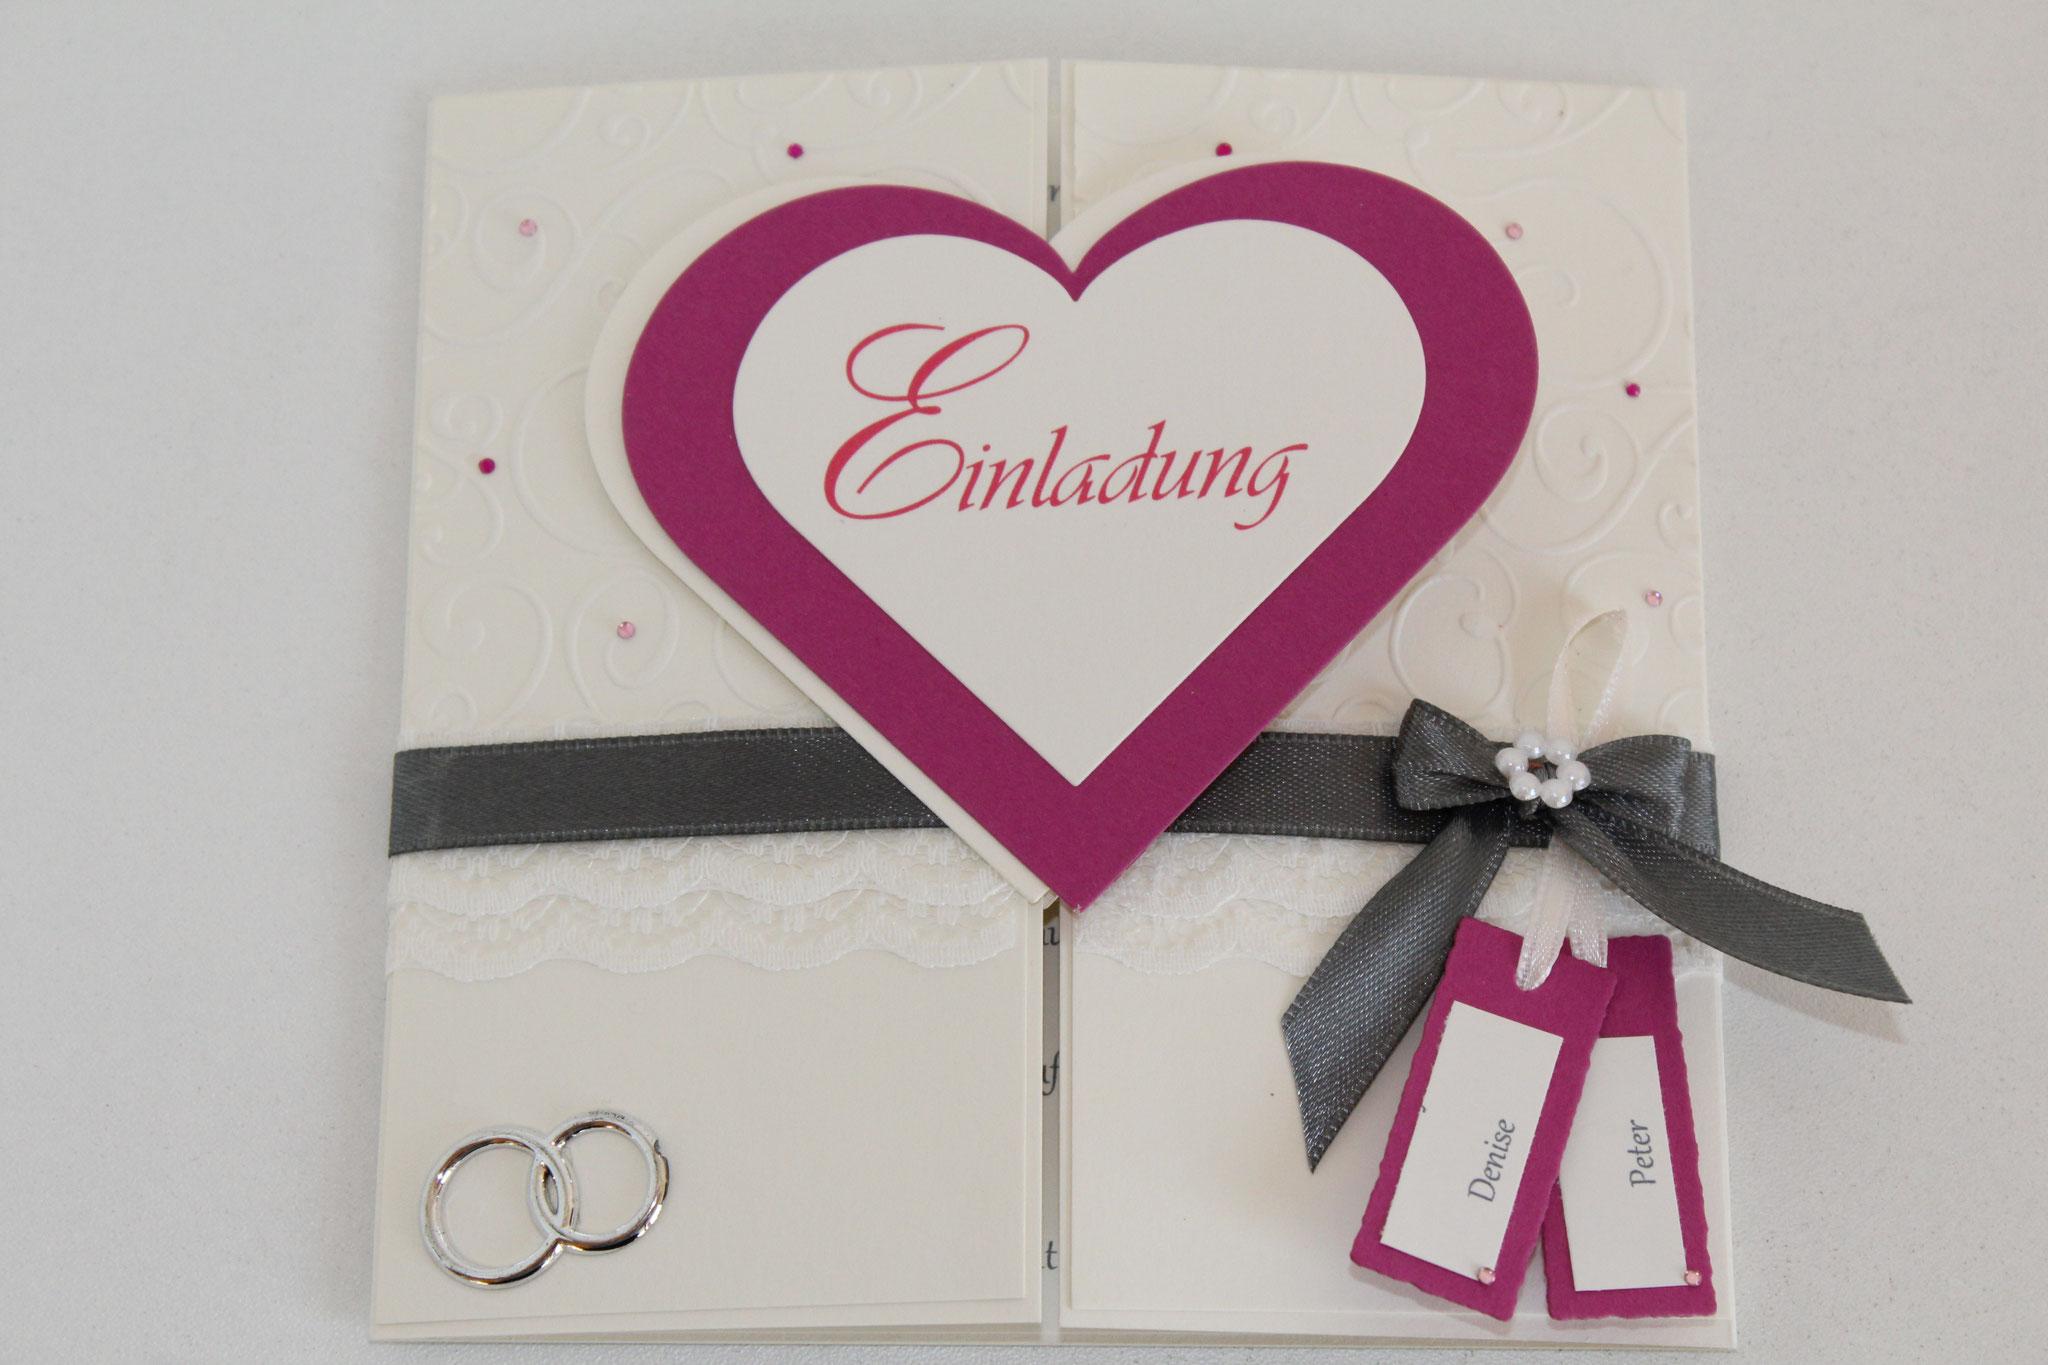 EH 86 Mittig zu öffnen. Gerne arbeiten wir auf die Herzinnenseite ein Bild von  Euch ein. Mit den Namen des Brautpaares.